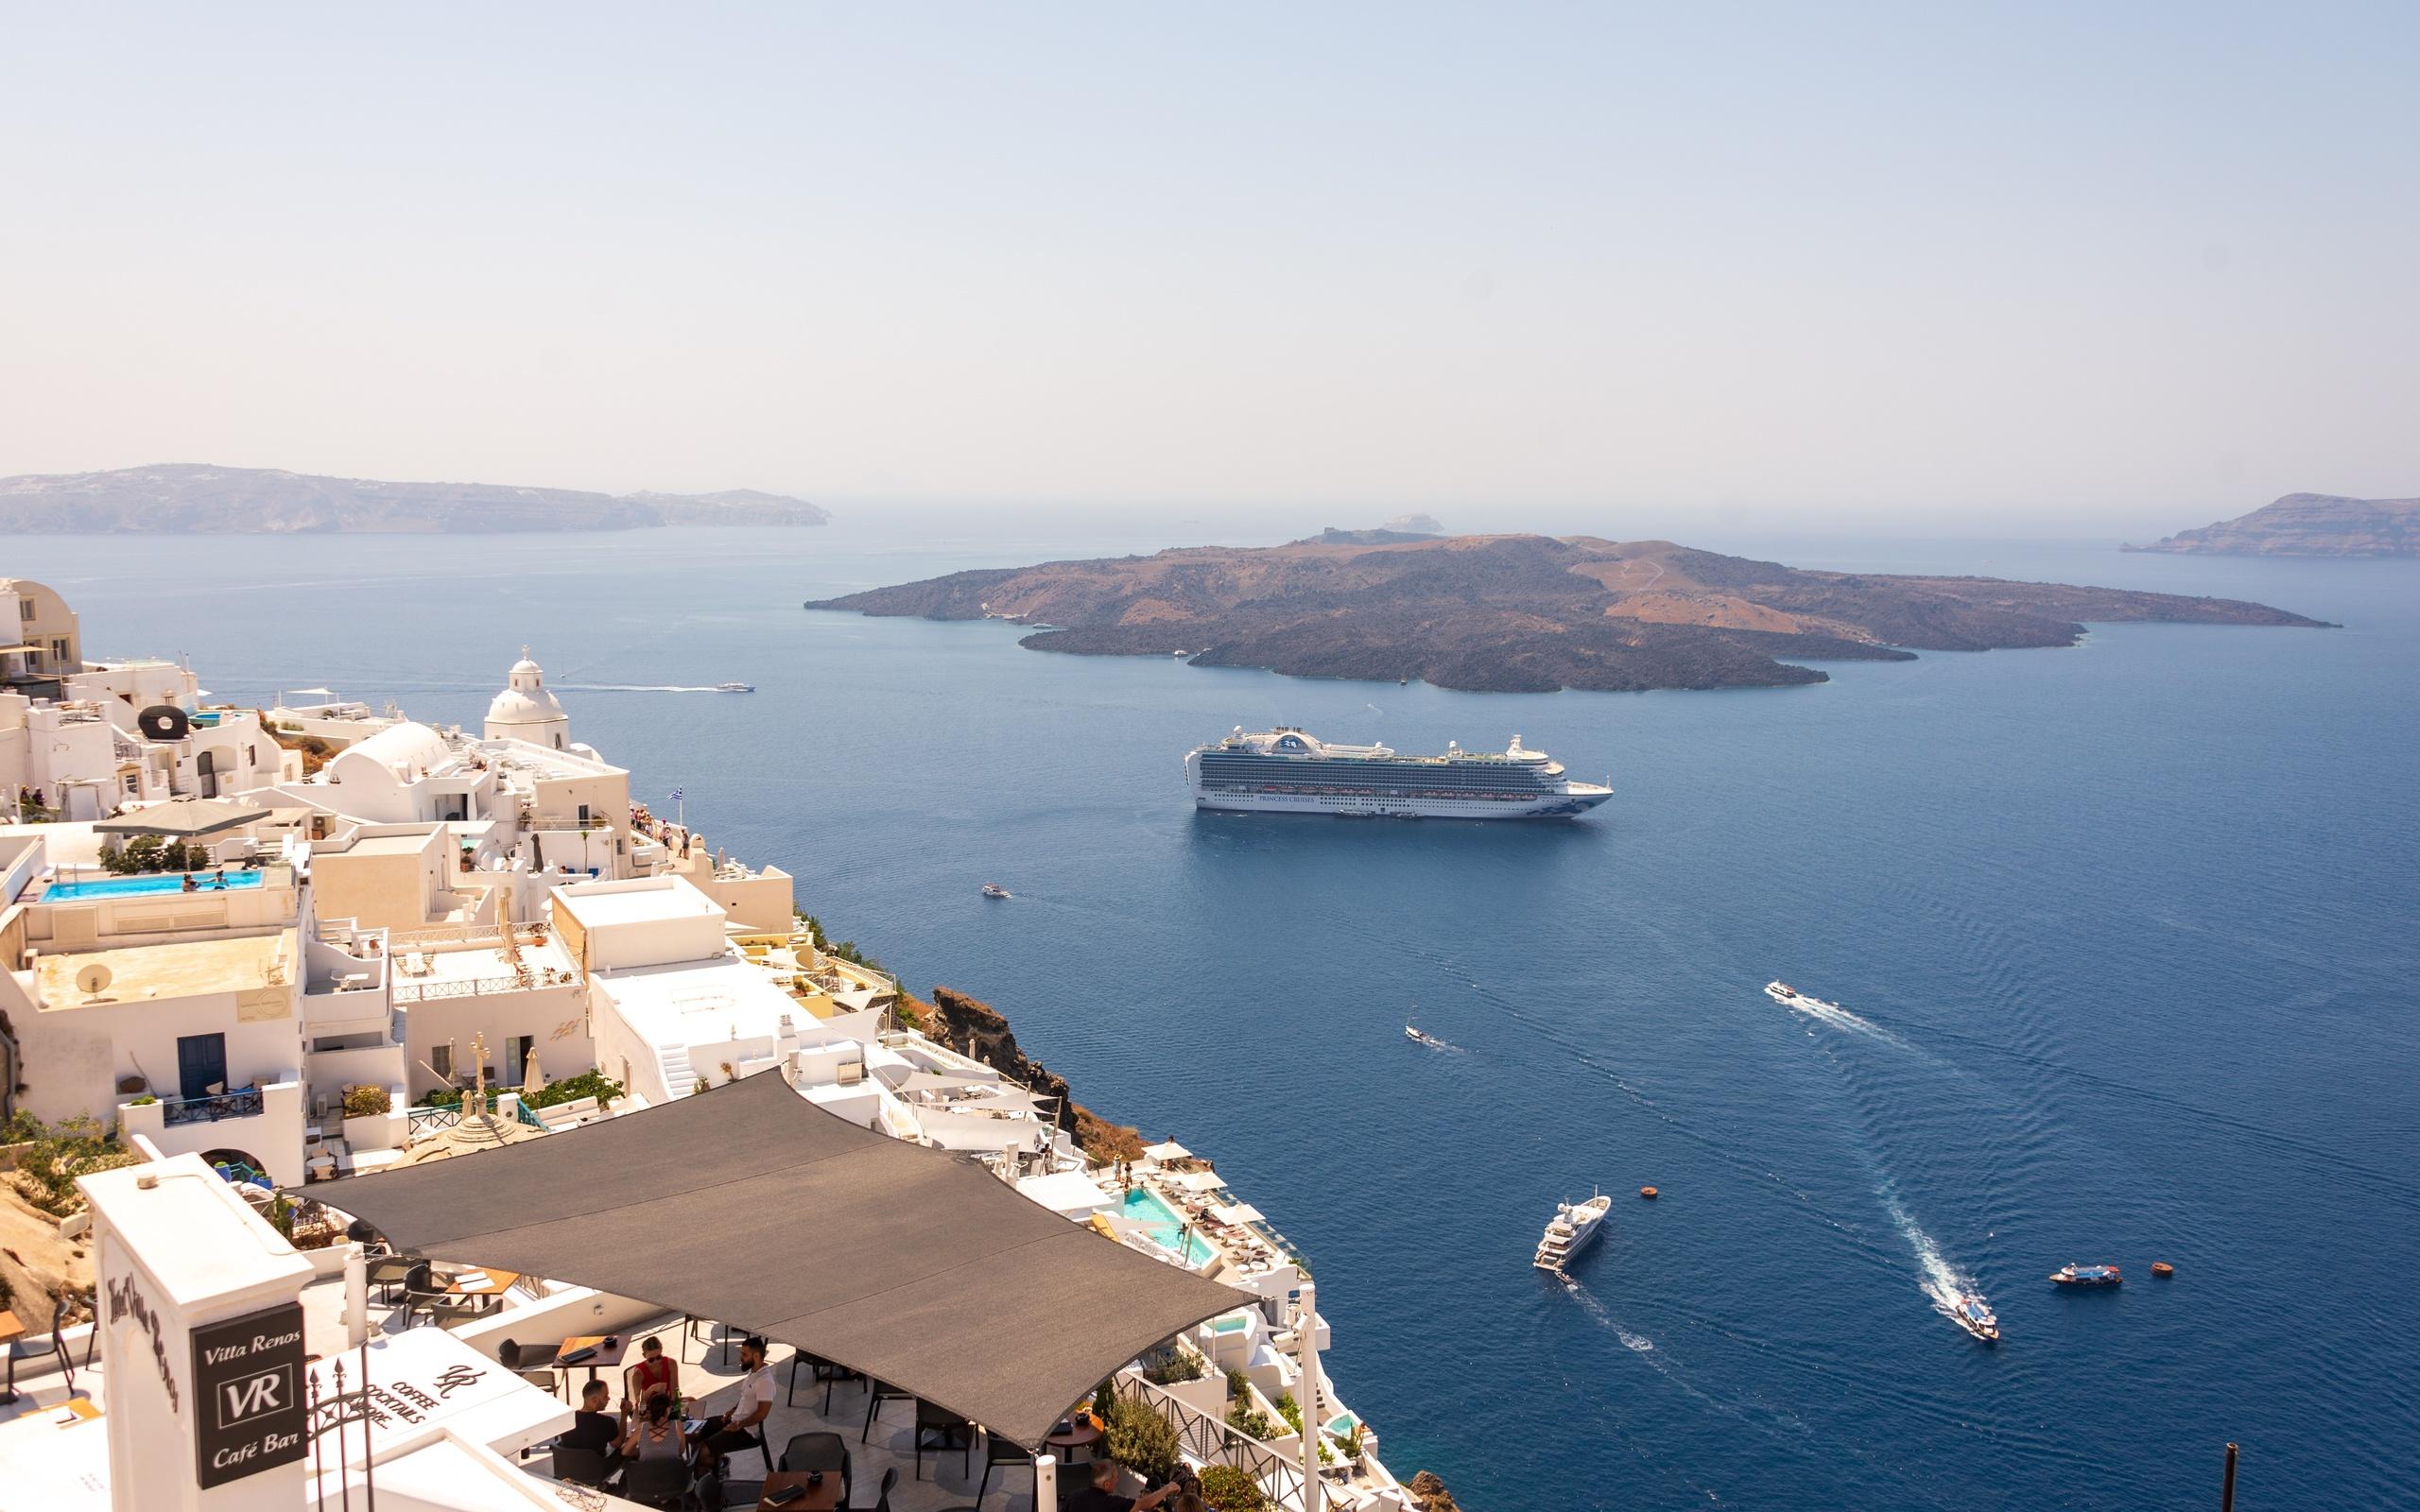 греция, остров, море, круизный лайнер, santorini, aegean sea, сверху, природа